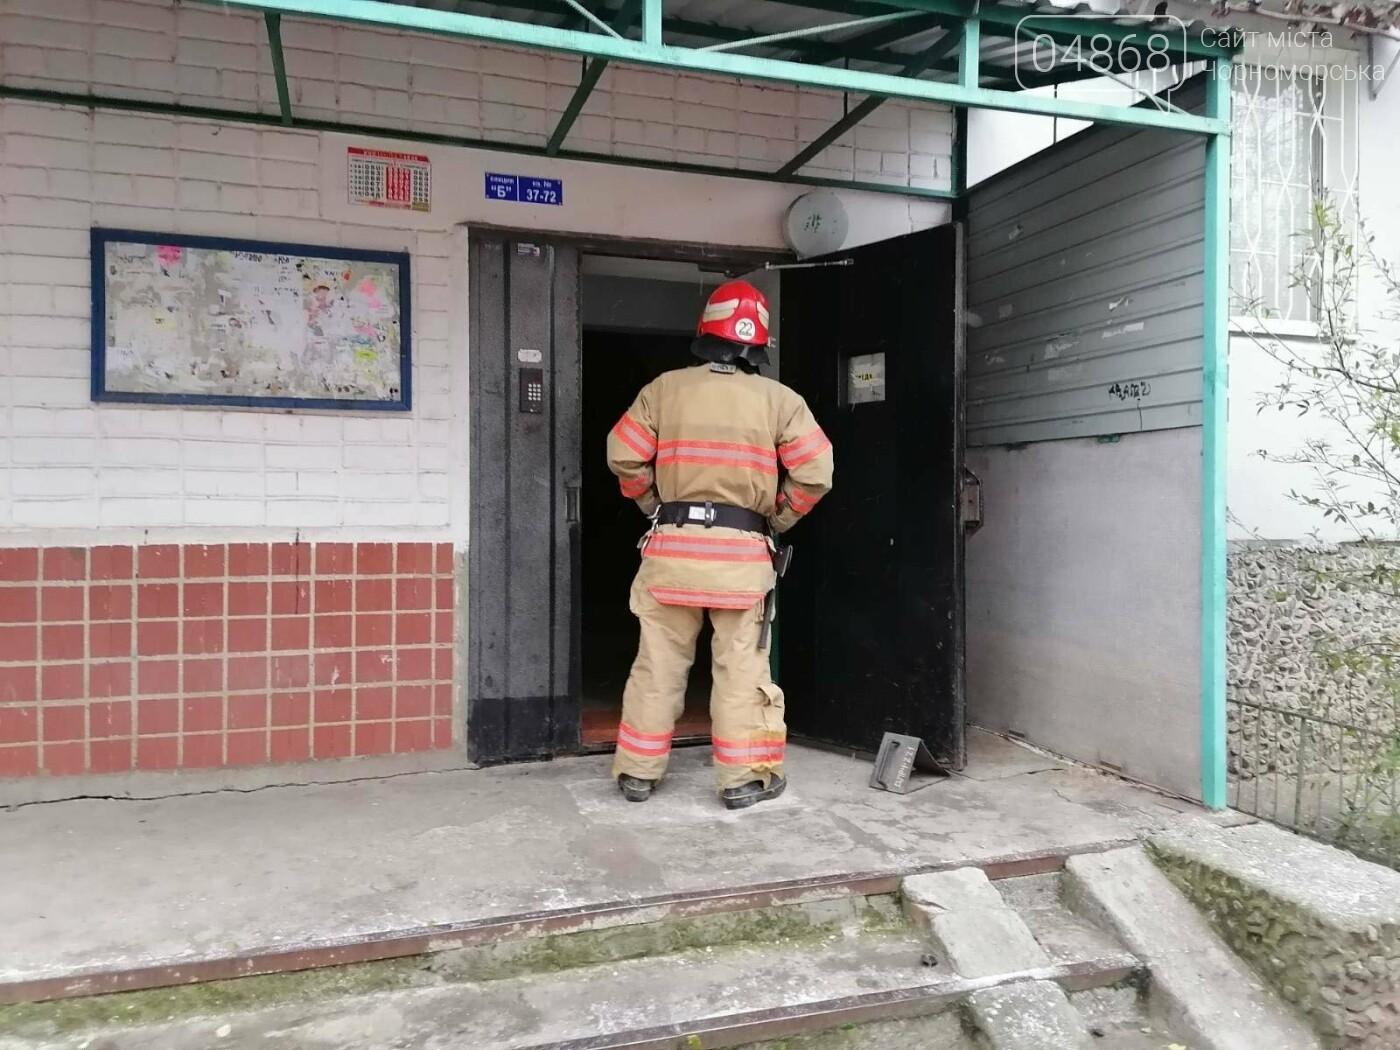 Жильцов одного из домов в Черноморске эвакуировали из-за угрозы взрыва, фото-5